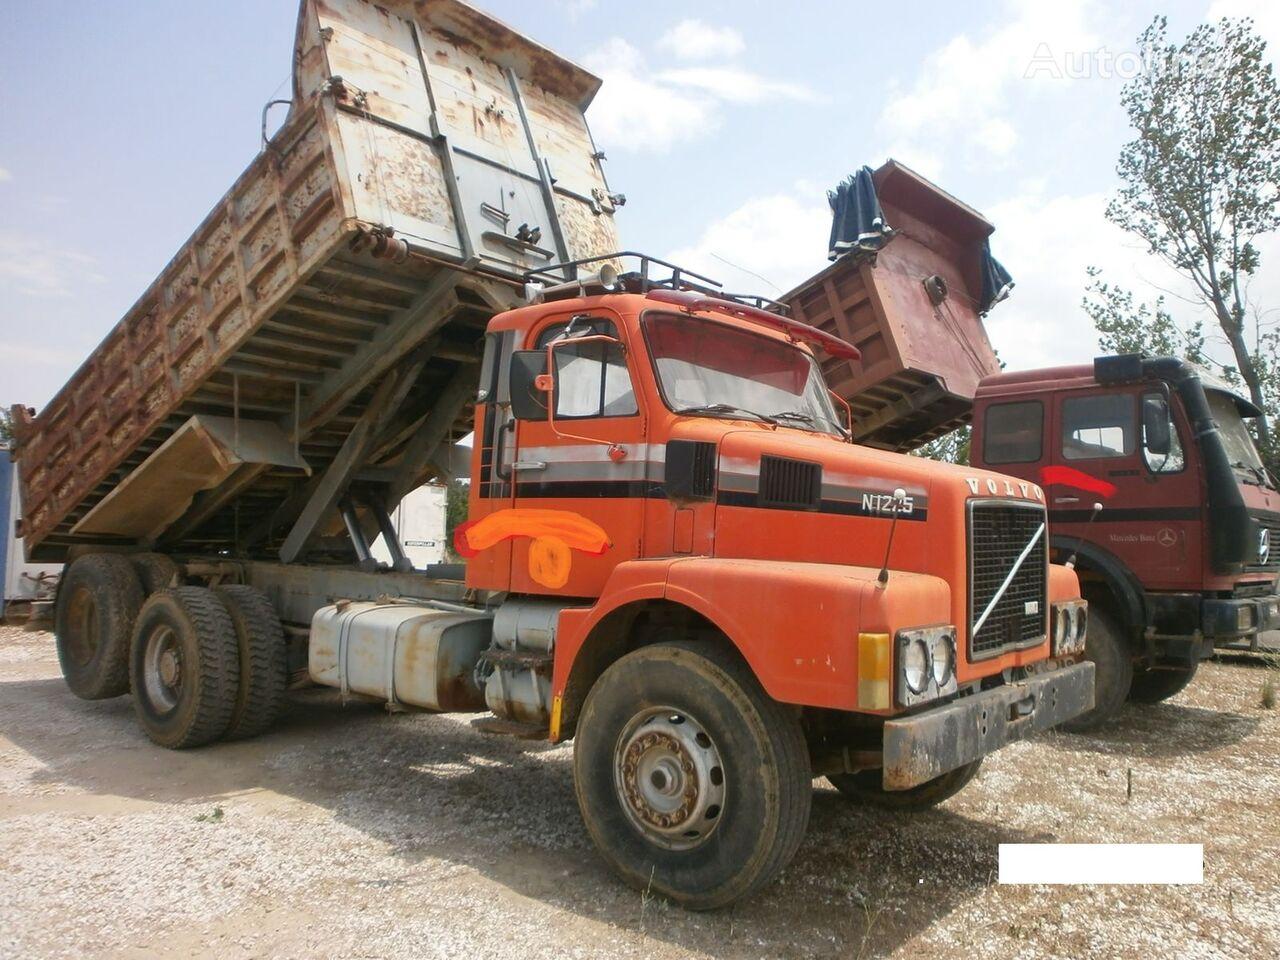 ανατρεπόμενο φορτηγό VOLVO N1225